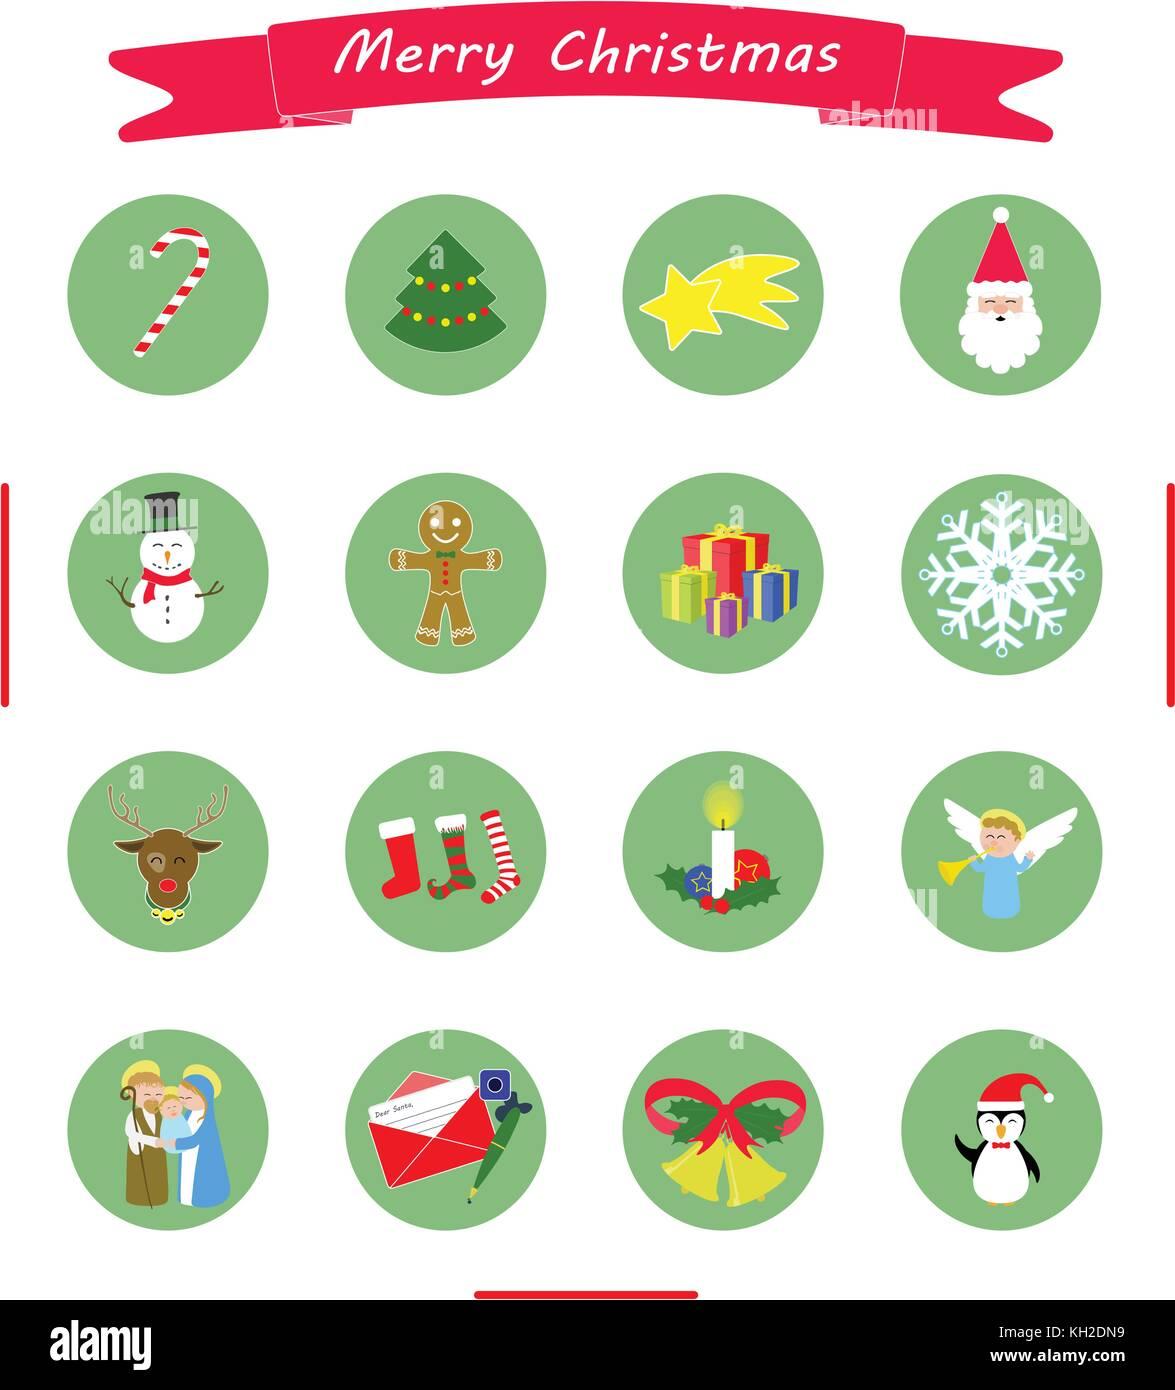 Artikel Von Weihnachten.Weihnachten Icons Collection Banner Und 16 Artikel Vektor Abbildung